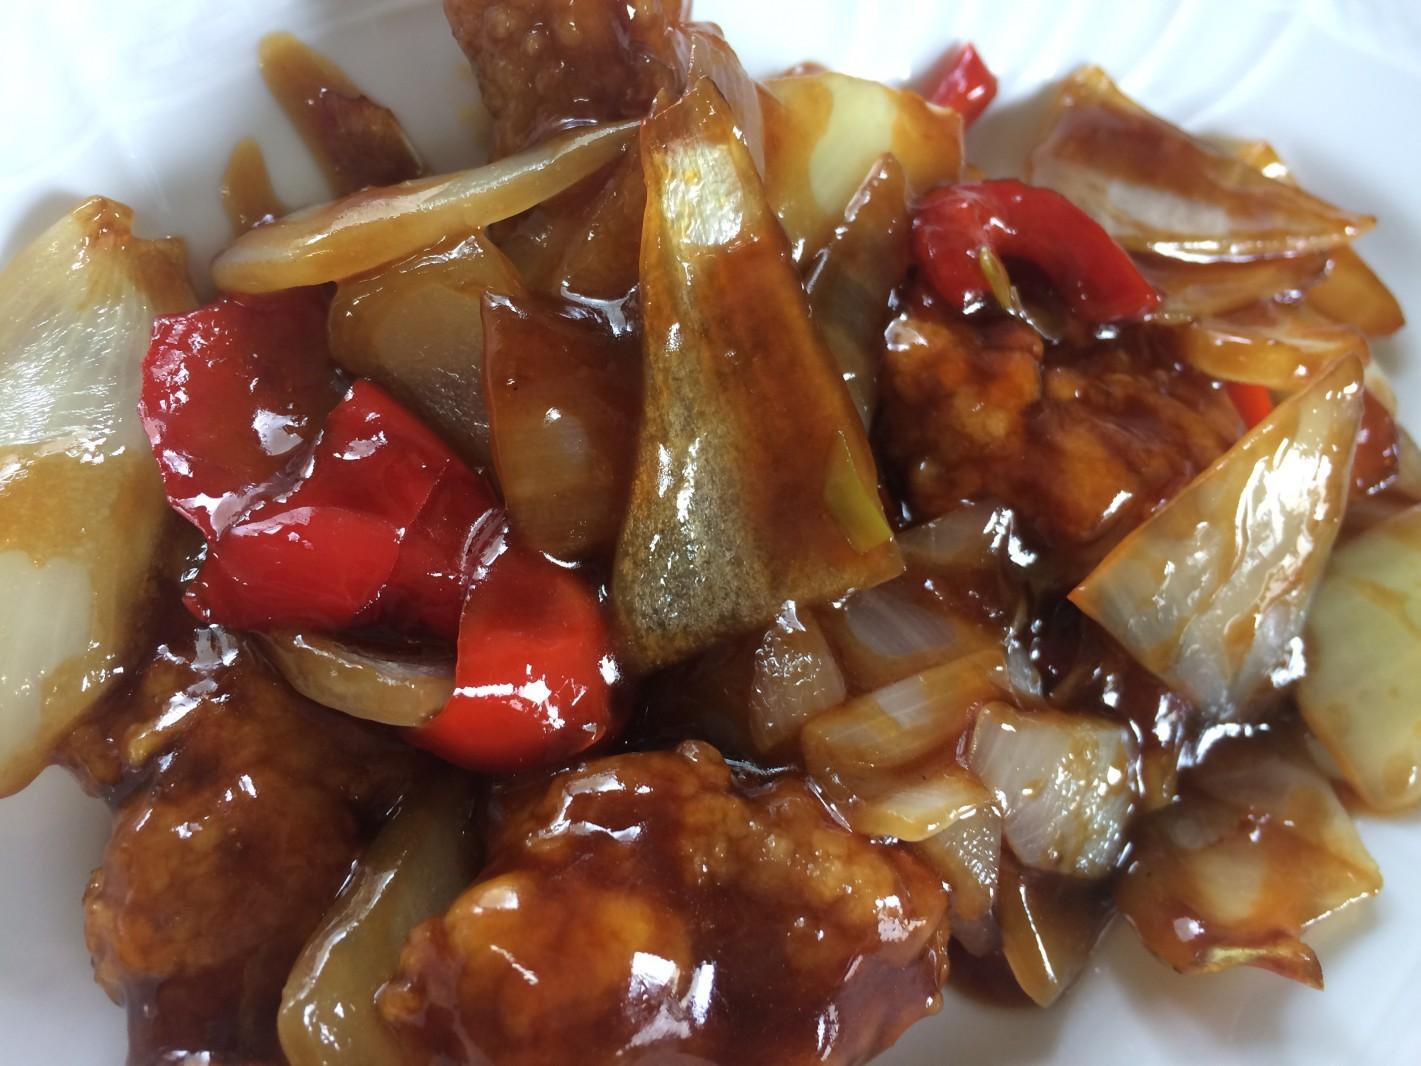 玉ねぎを切って加えて炒めて簡単、中華の鉄人®︎陳建一 ワンクックメニュー(^。^) 今月のプレゼントに入ってます!